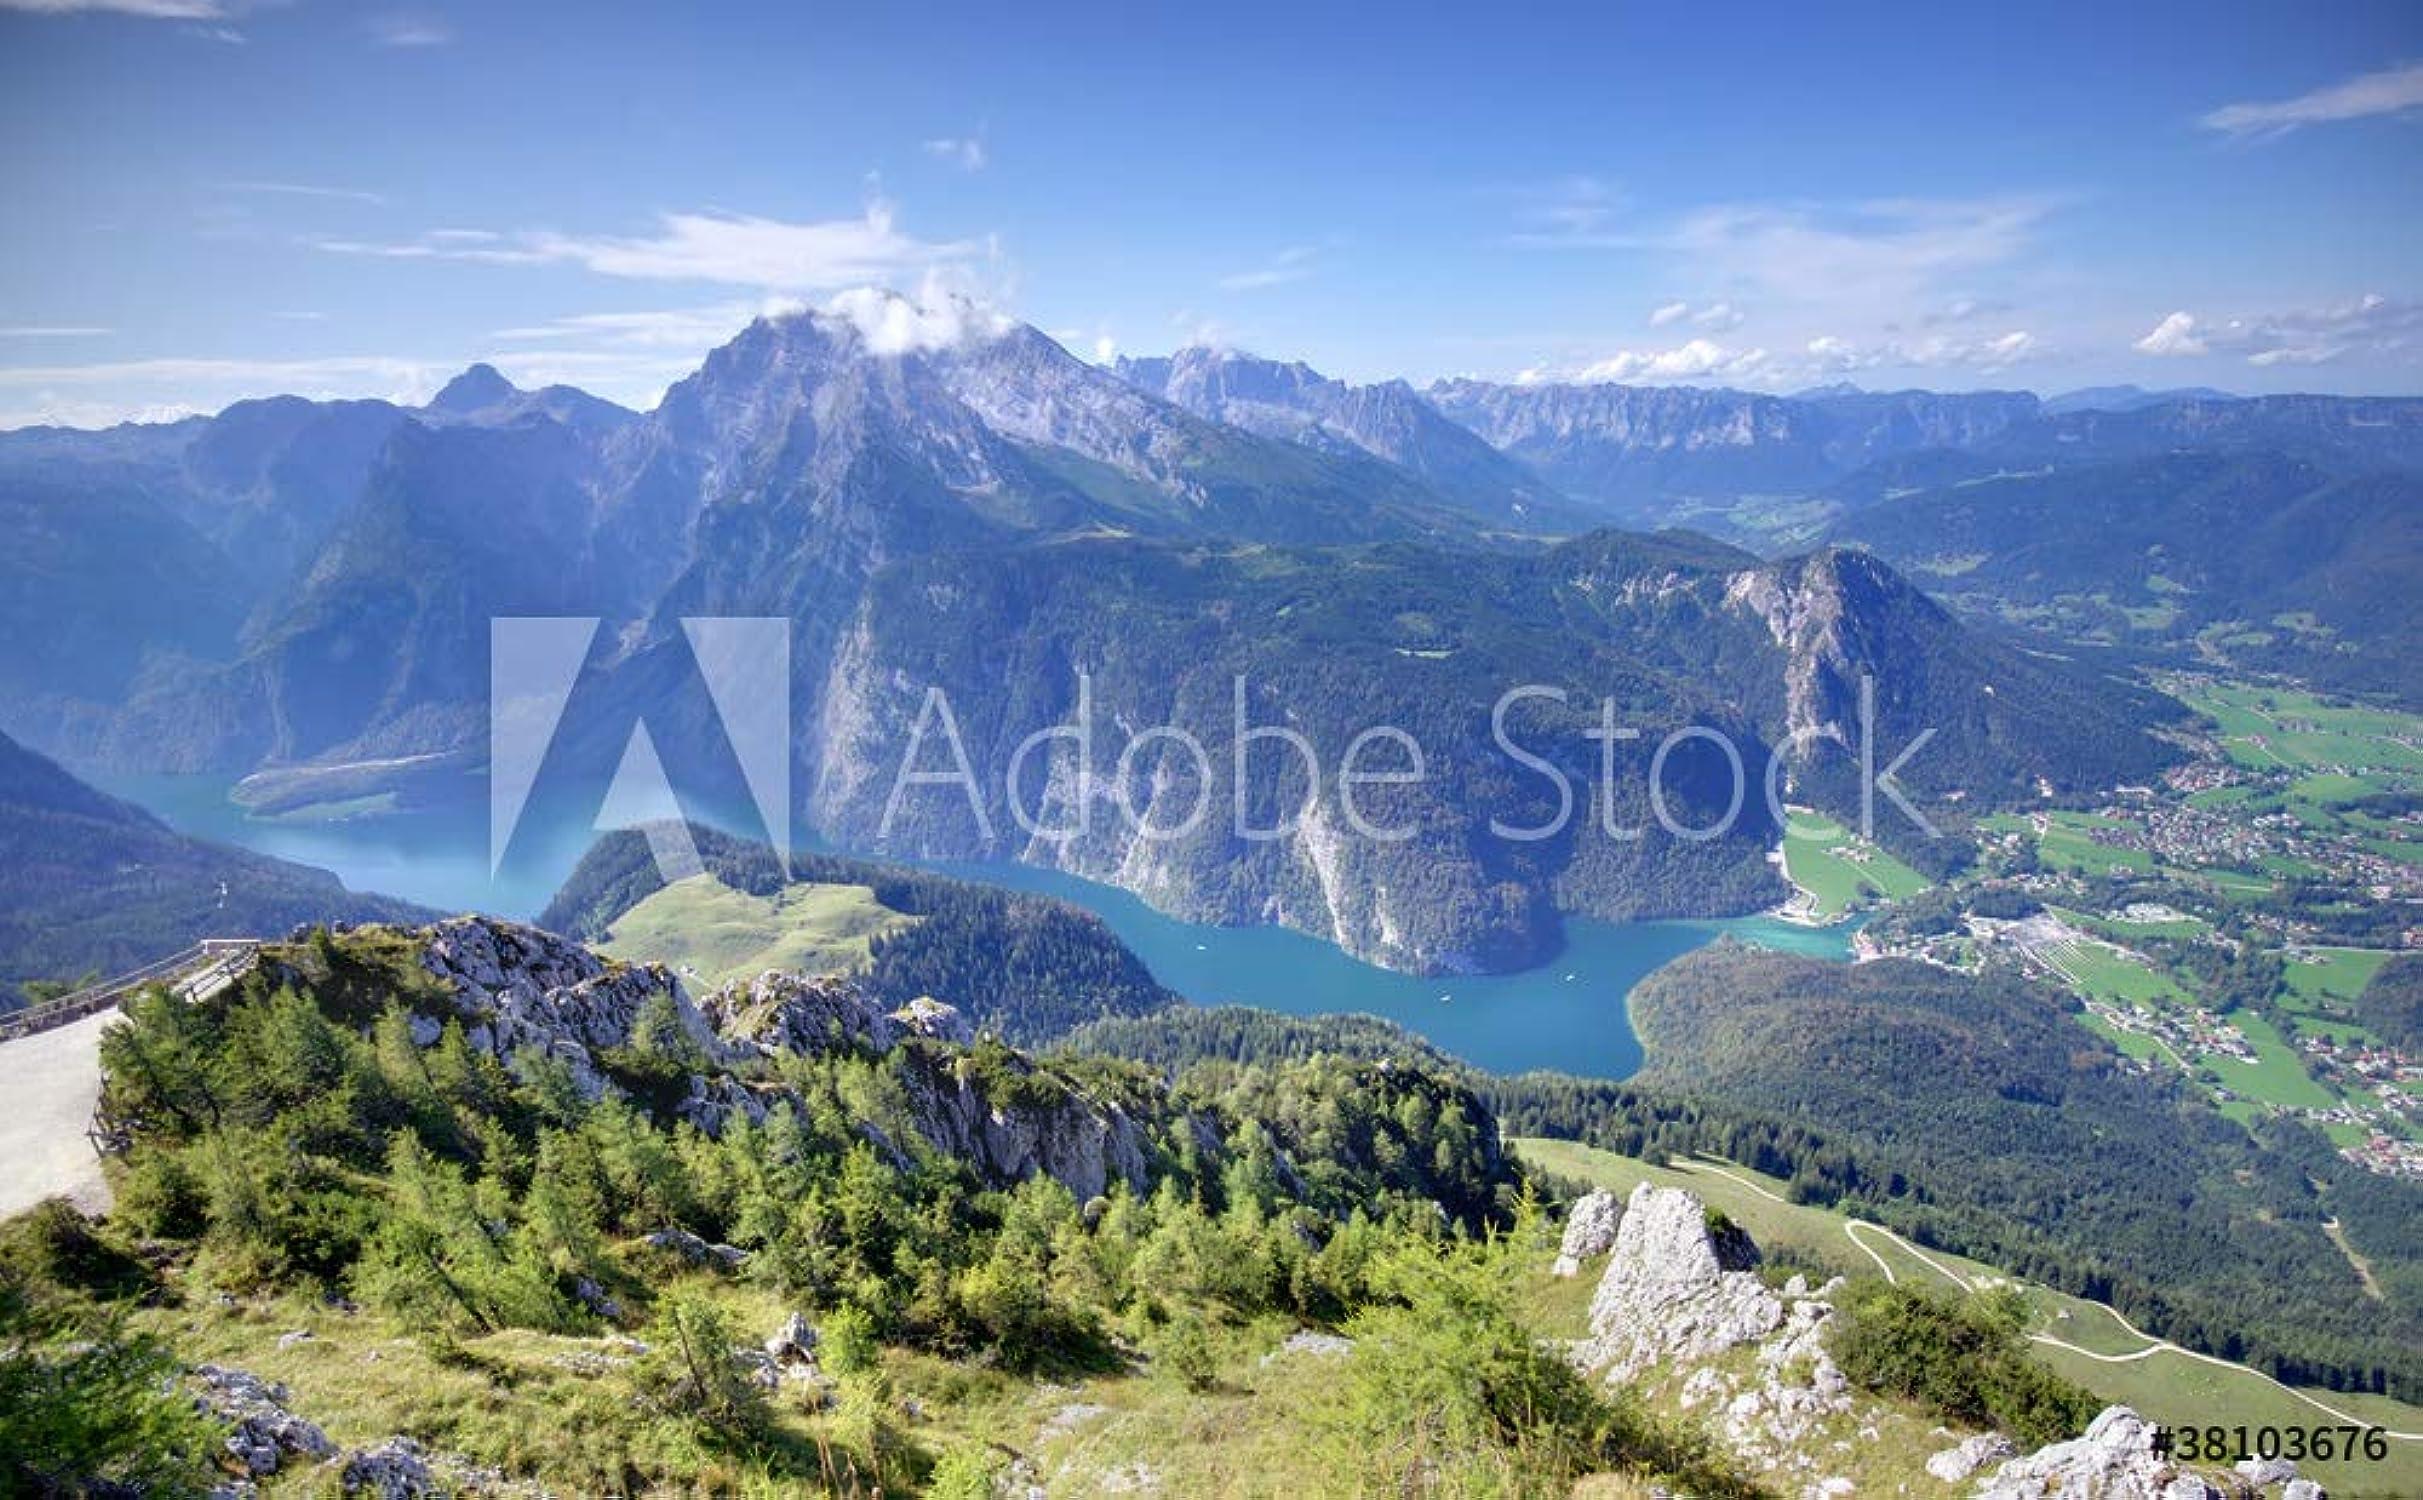 Druck-shop24 38103676 - Imagen sobre lienzo, póster de fotos (cristal acrílico, lámina adhesiva), Diseño de Alps Mountains y Konigssee Lake en Bavaria, vídrio acrílico, 3 2 - 60 x 40 cm   40 x 60 cm